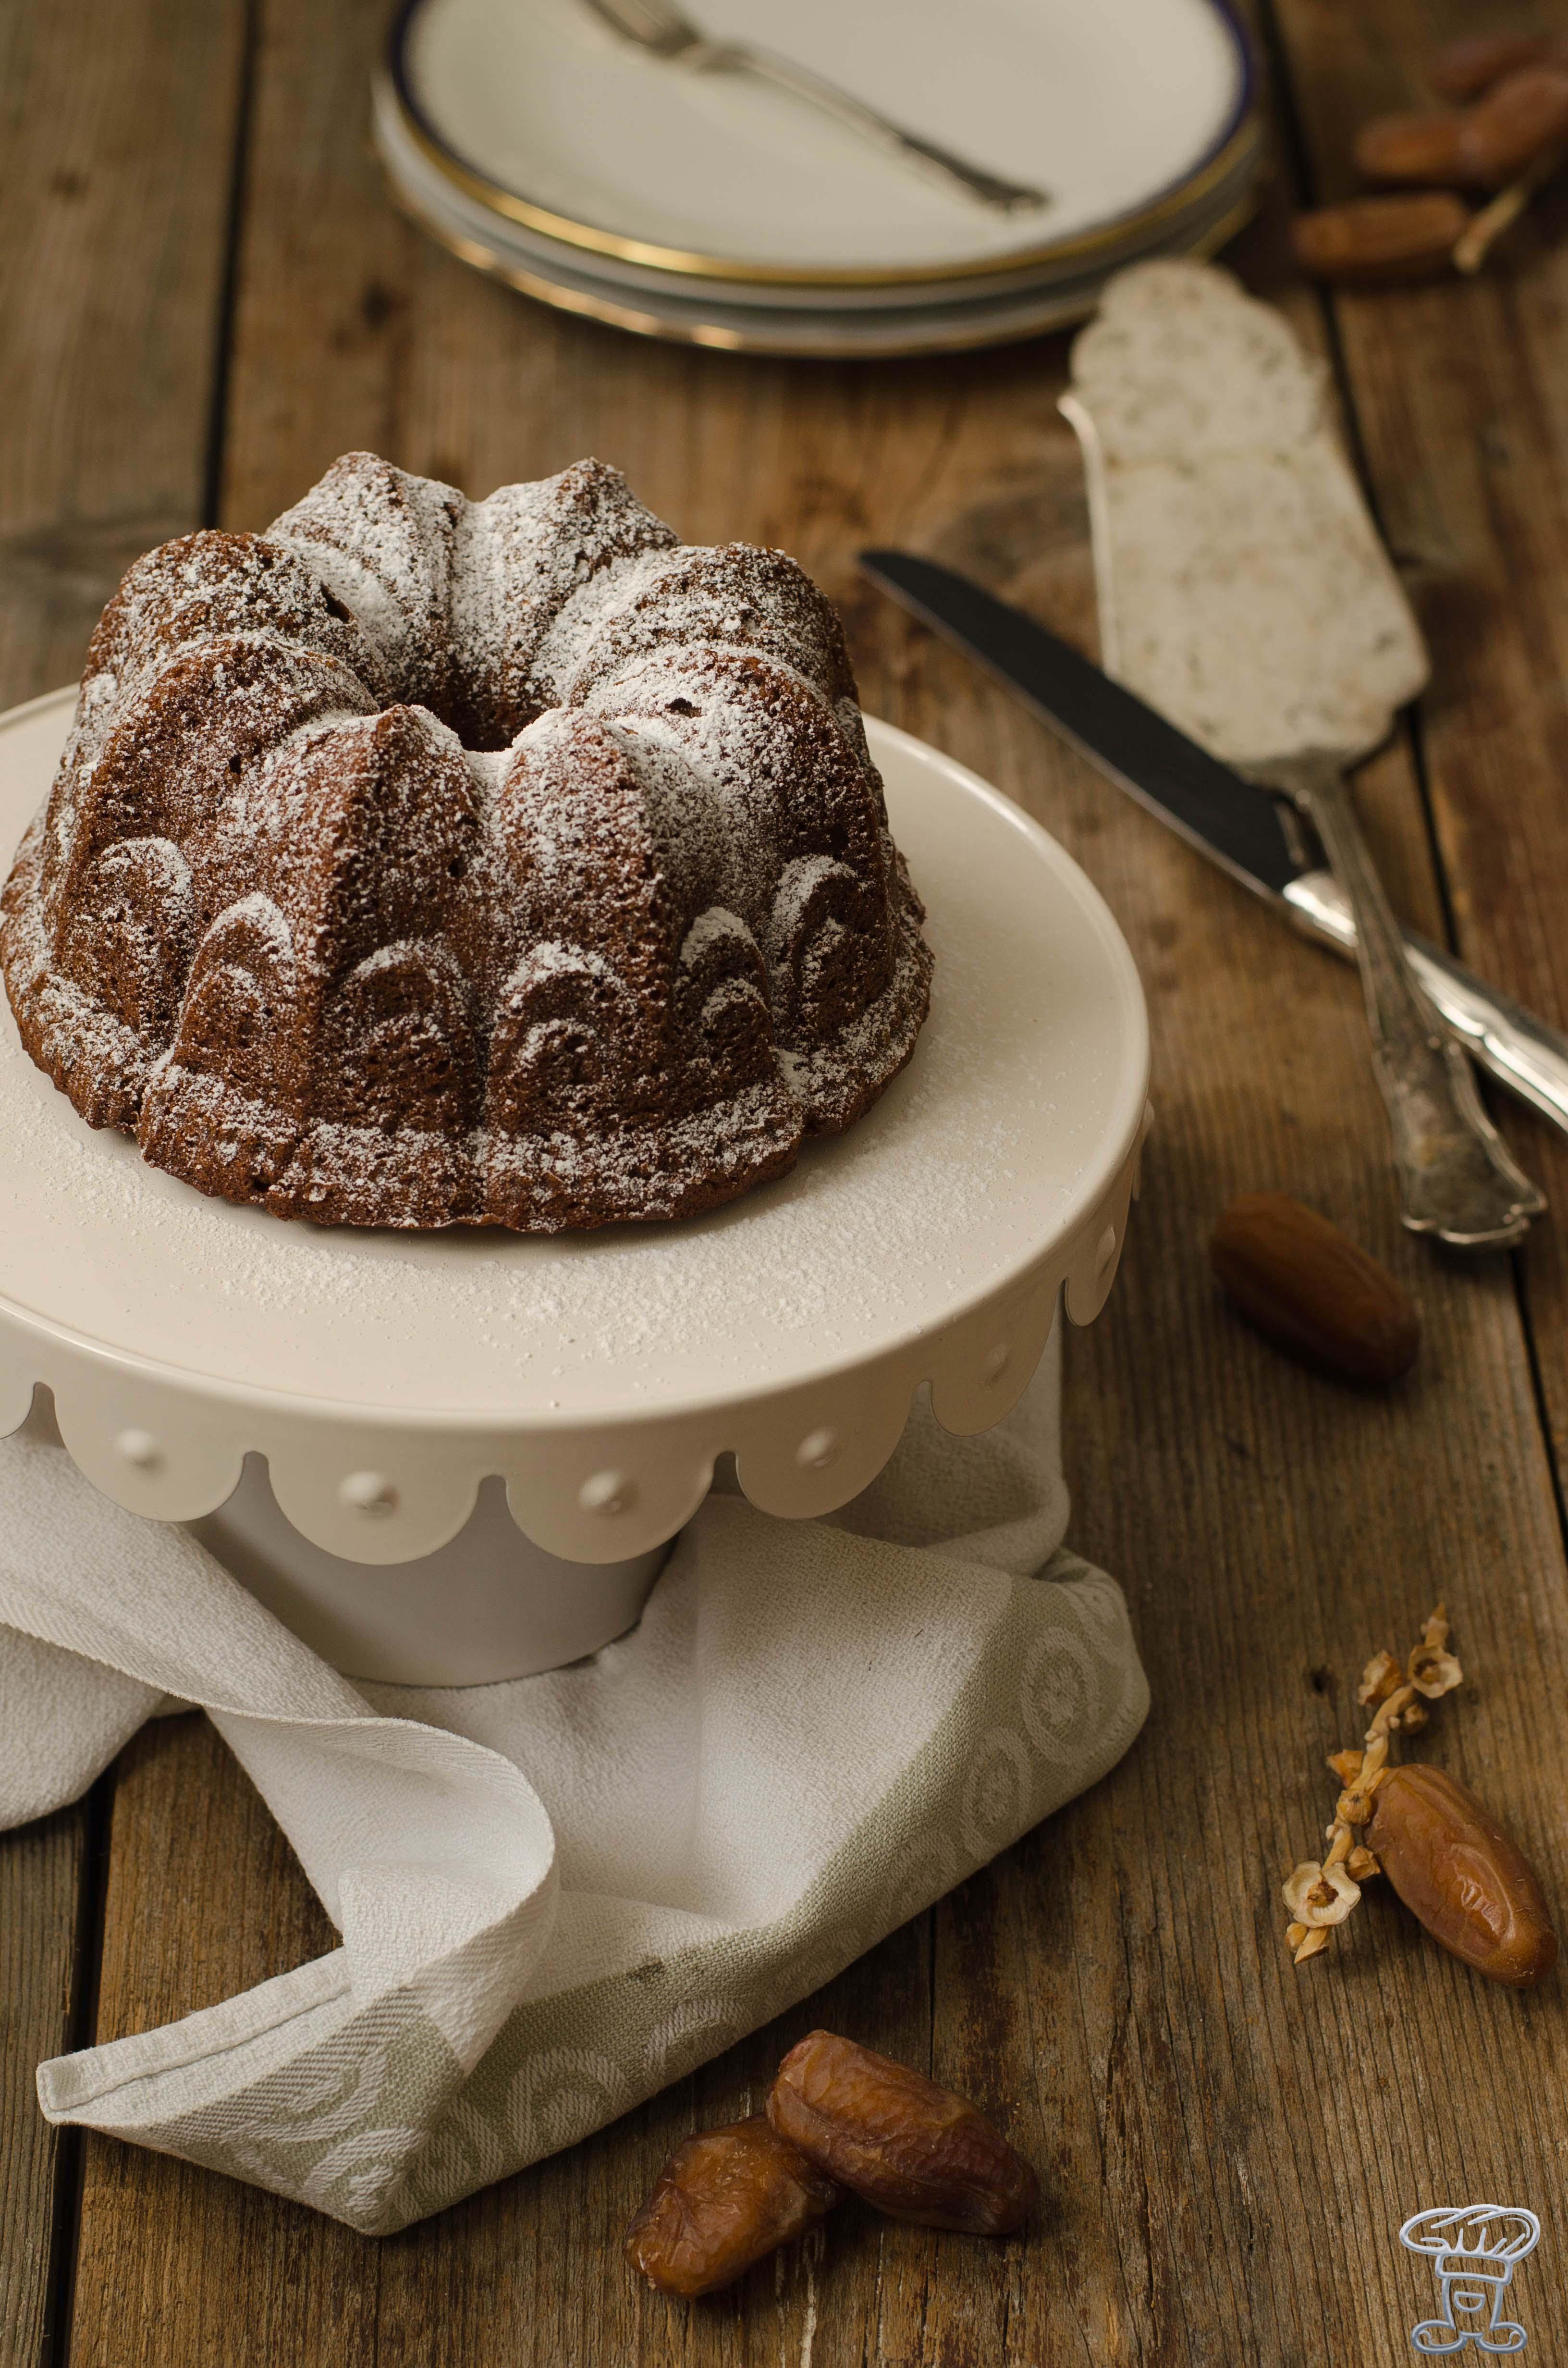 Cake_datteri_miele_castagne1 Cake ai datteri, miele di castagne e te al bergamotto